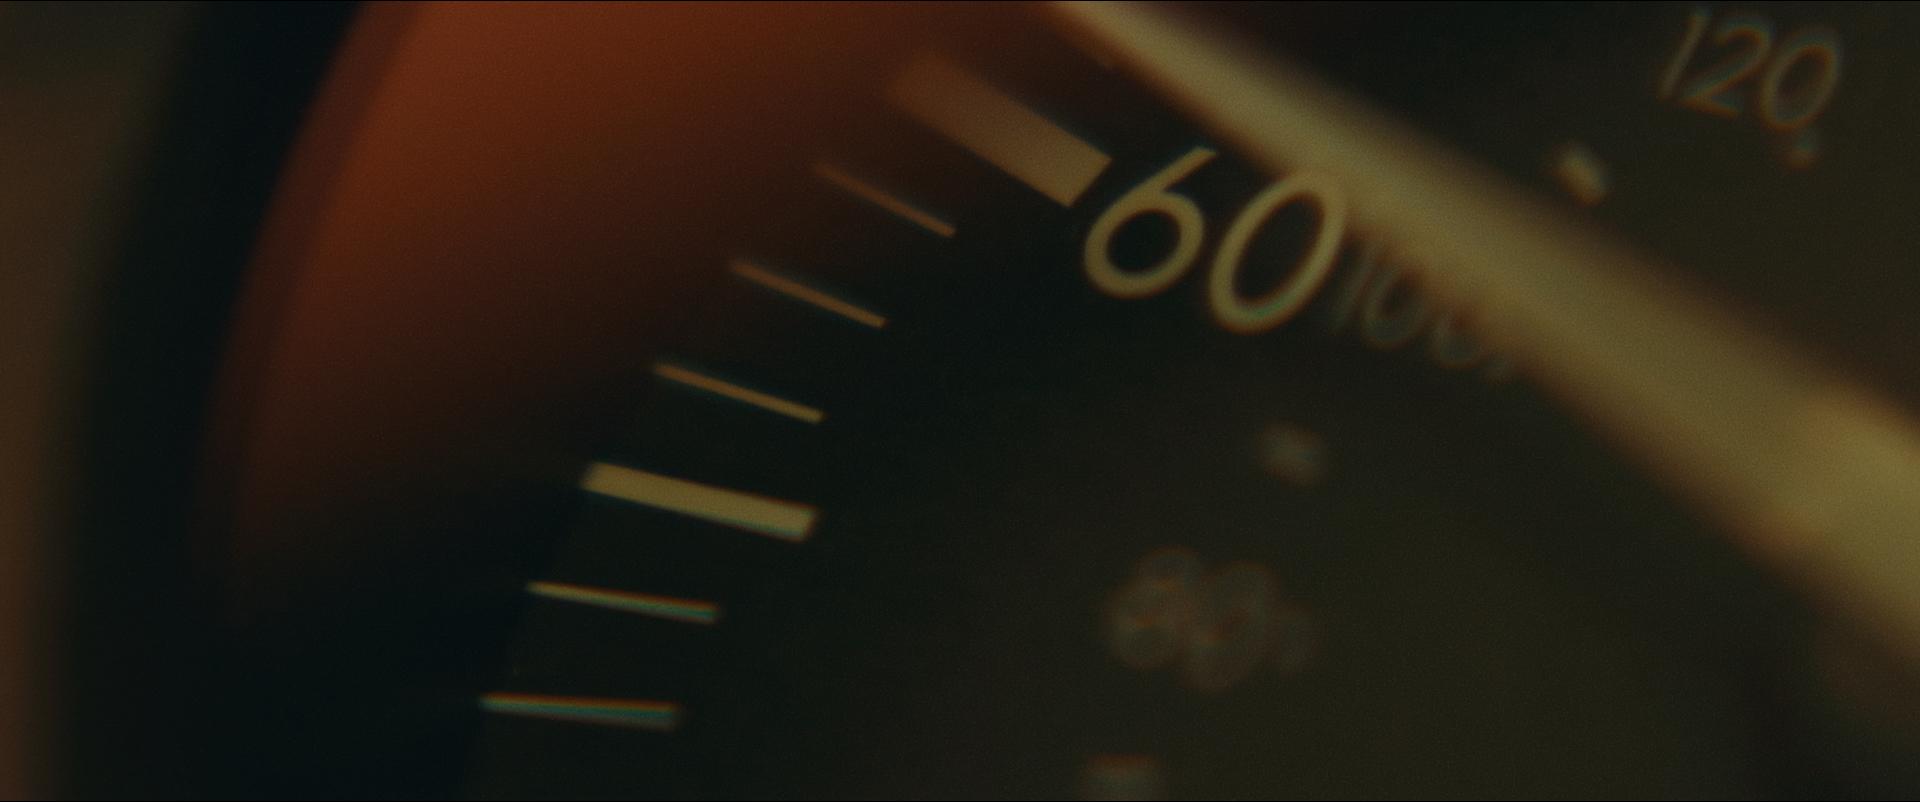 Mazda_Anthem_Web 9.jpg